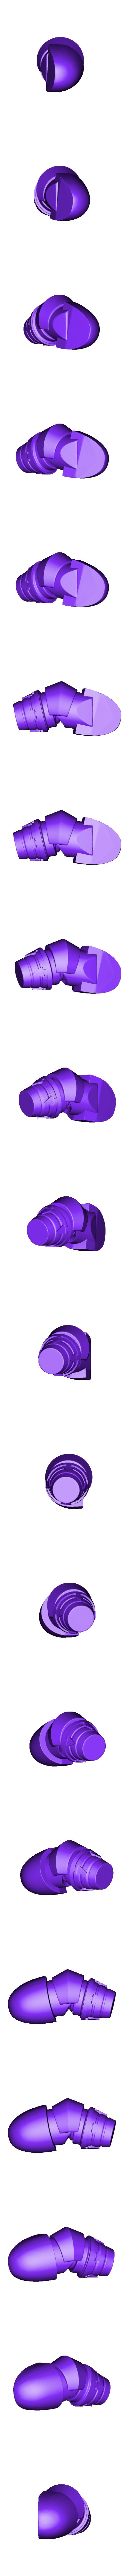 IW_arm_01.stl Télécharger fichier STL gratuit Le guerrier métis • Objet à imprimer en 3D, LoggyK